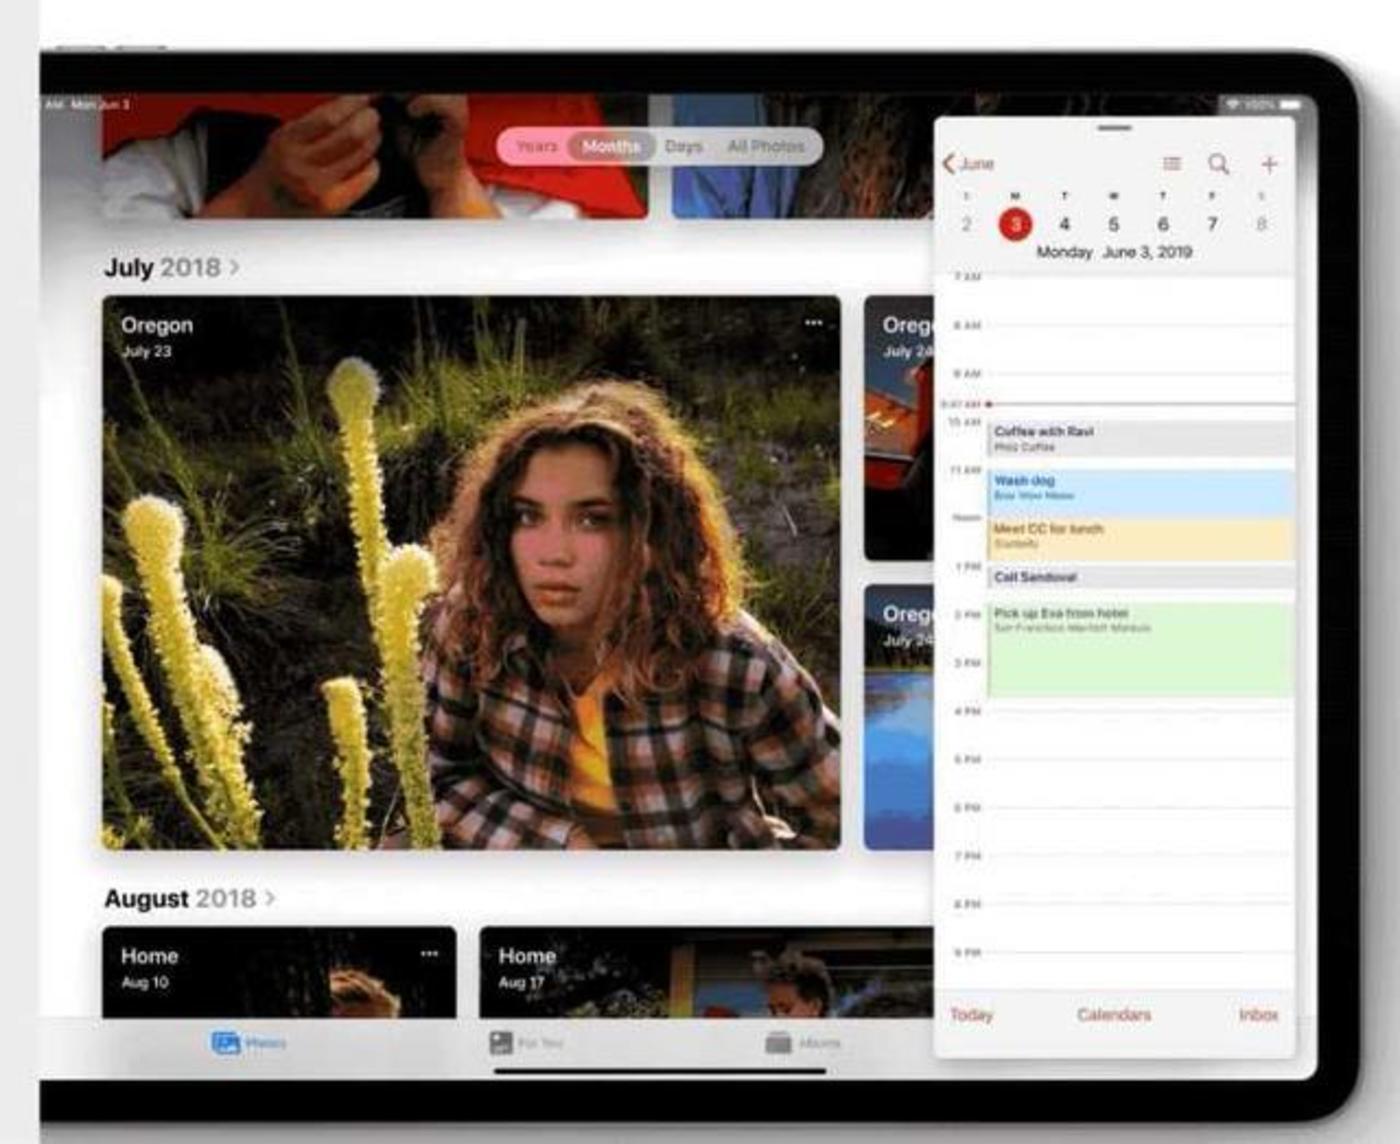 拆分出一个操作系统,iPad能大卖吗?